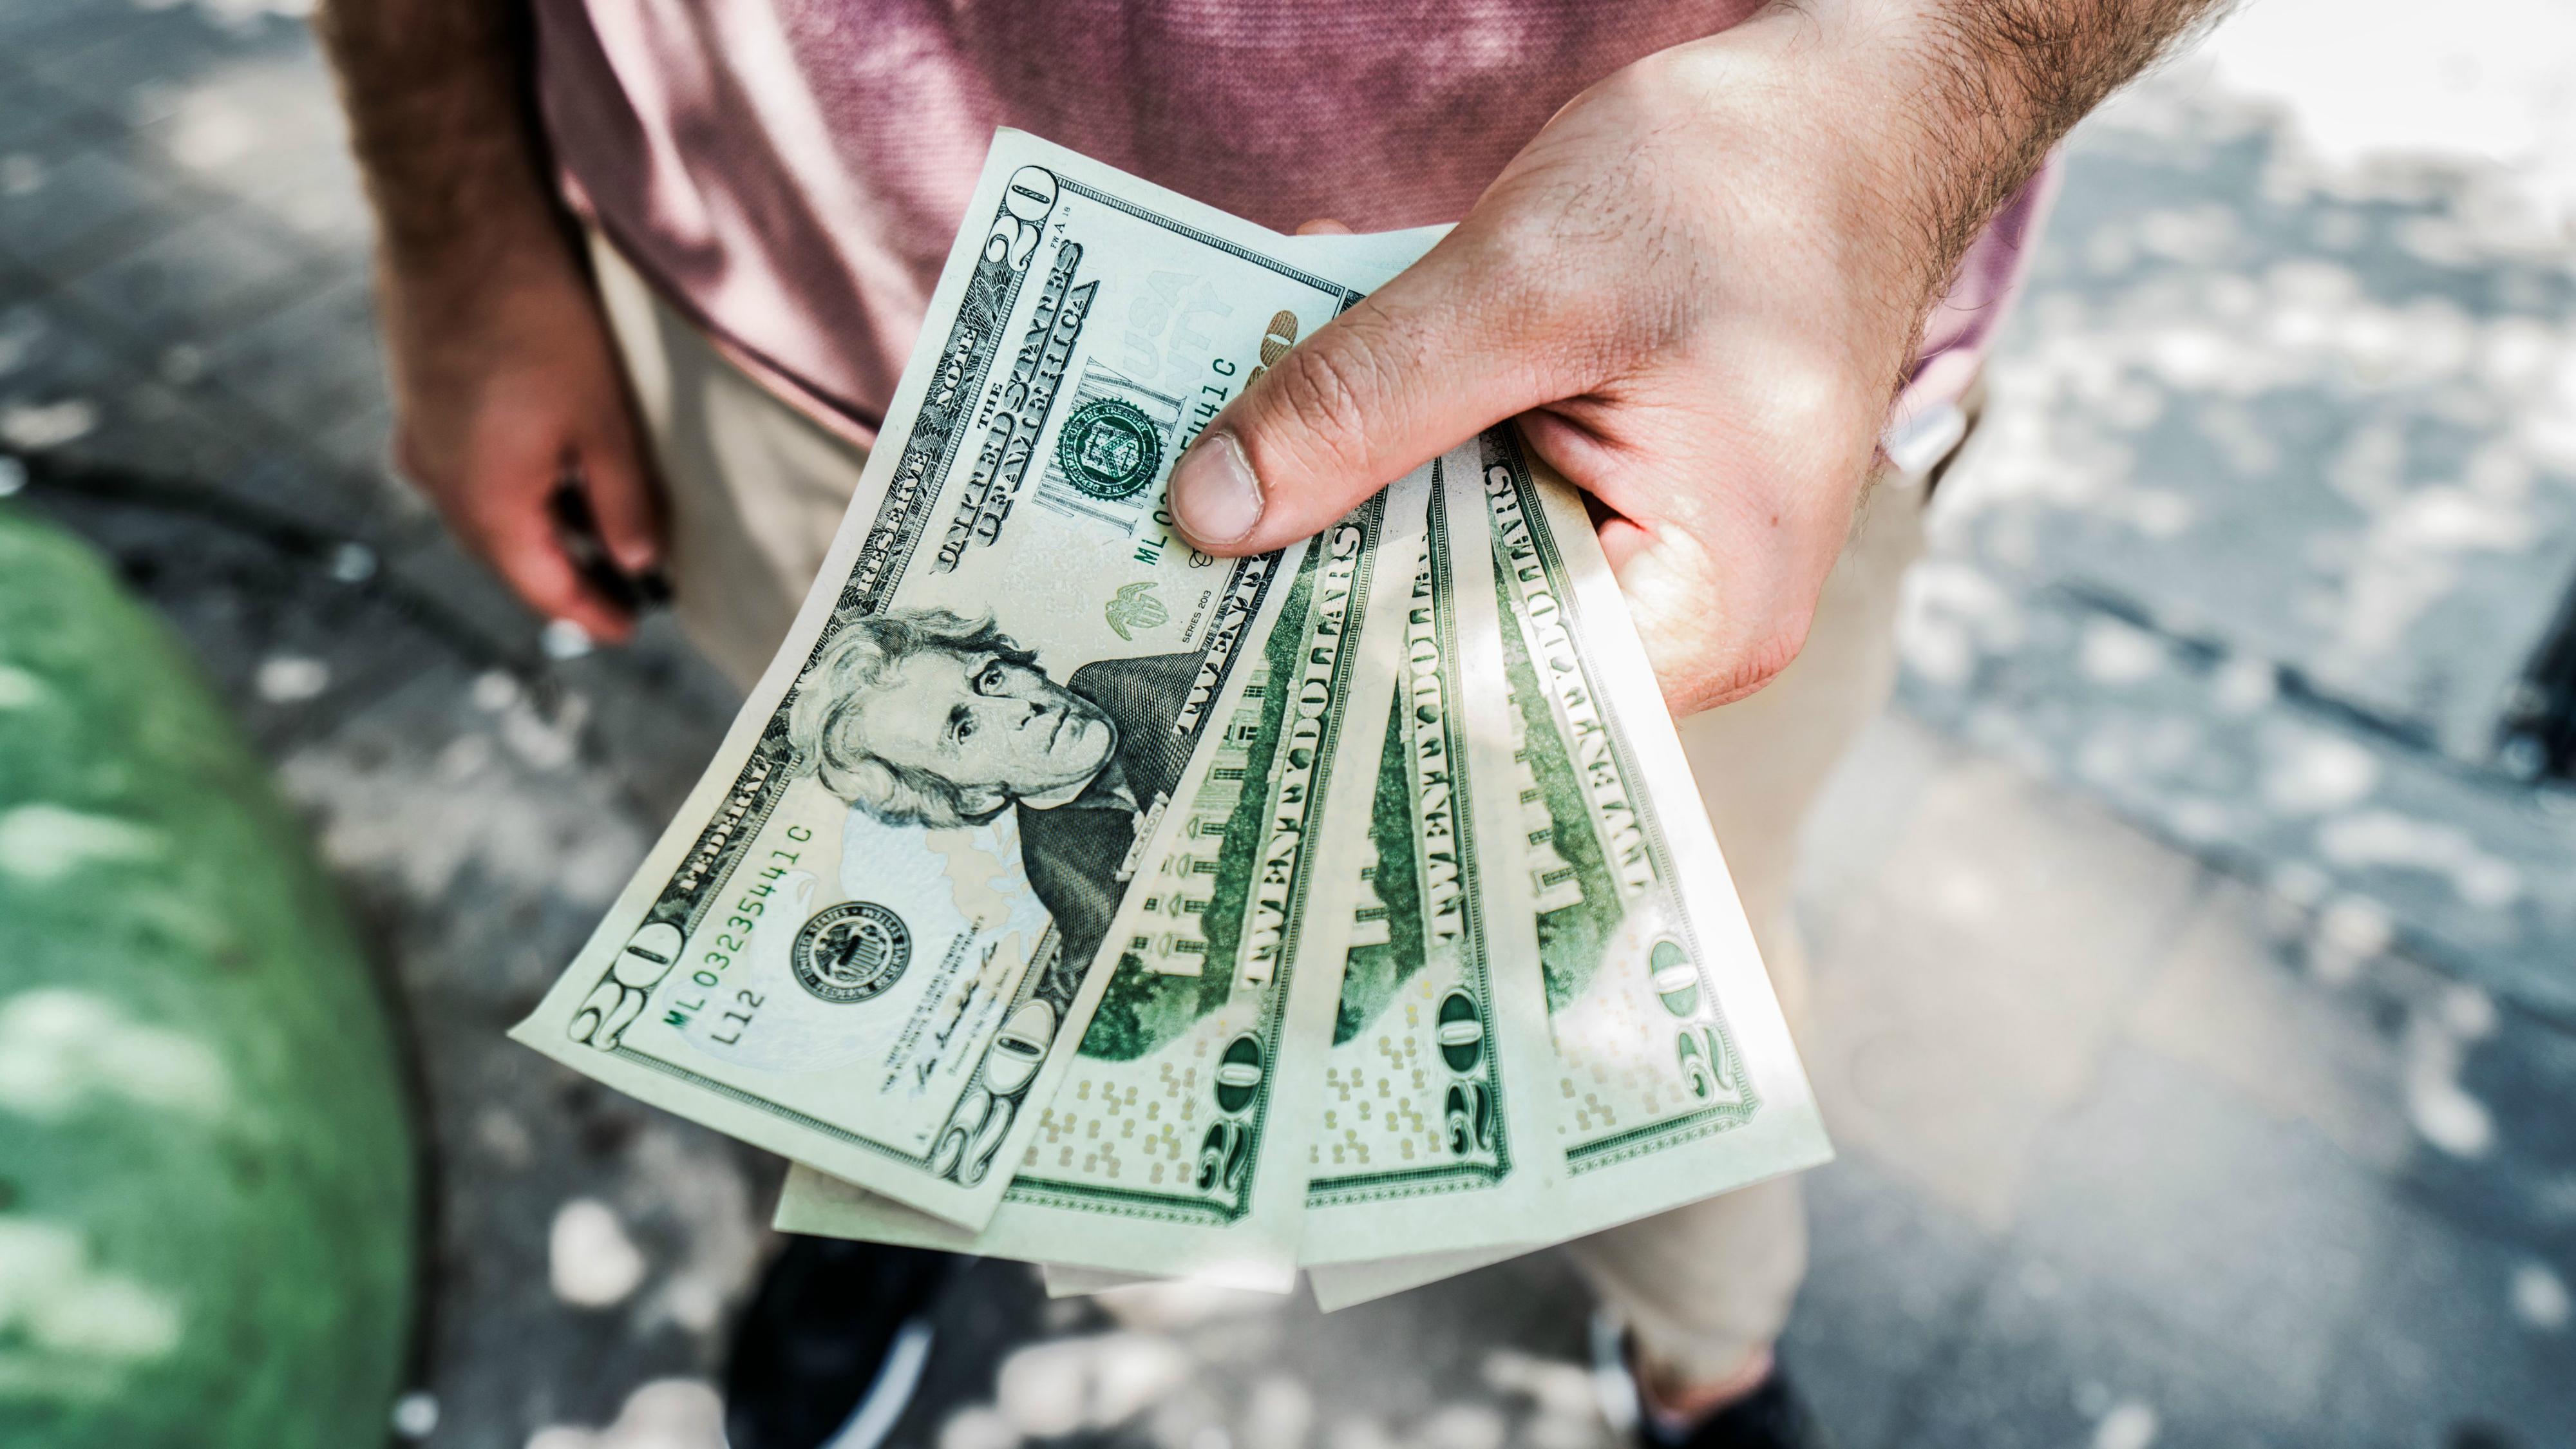 mēs pelnām naudu tikai bez ieguldījumiem